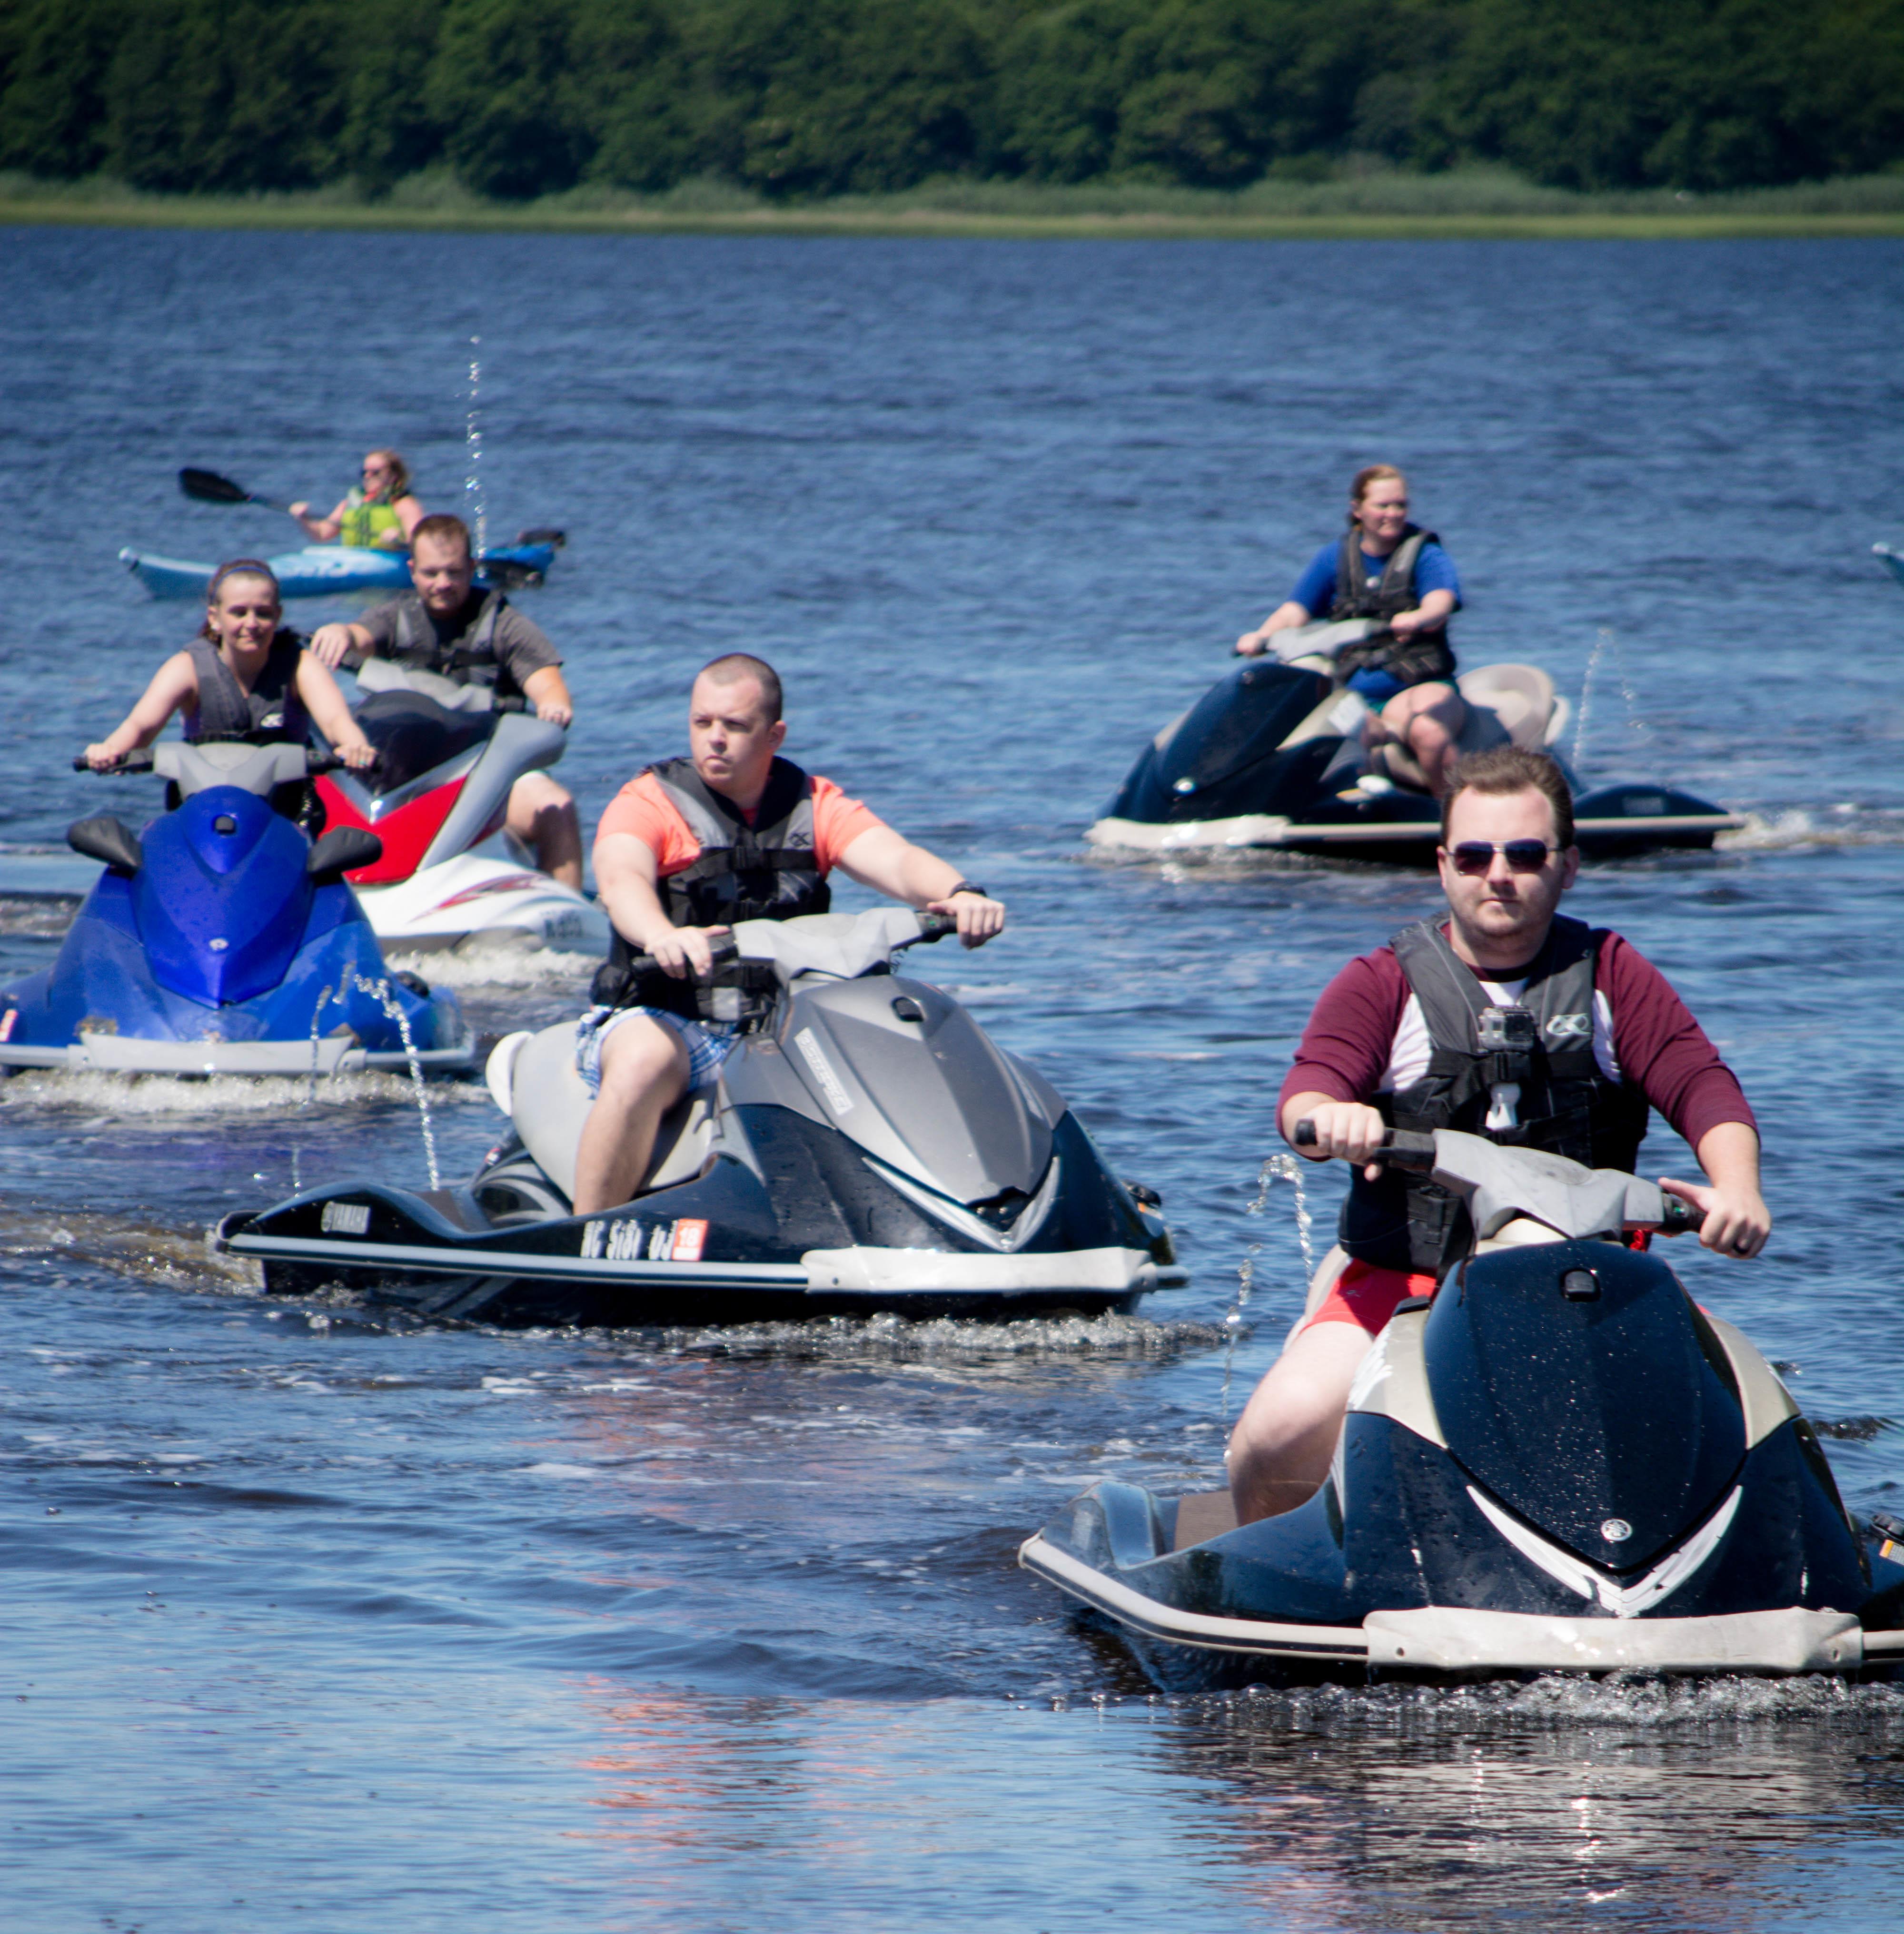 Wilmington Jet Ski Rentals